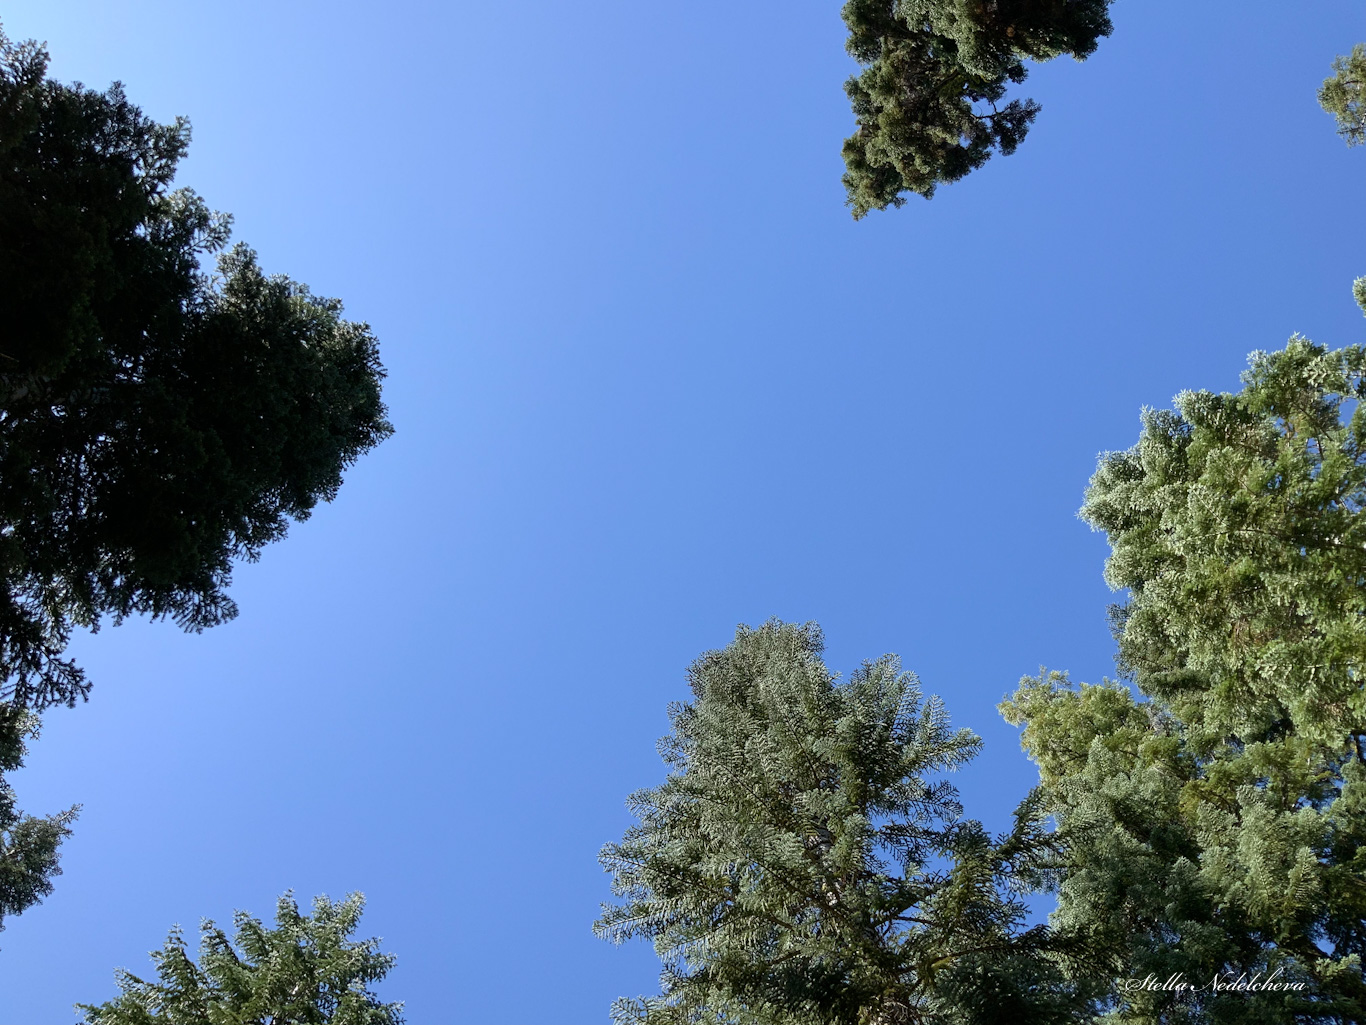 Sommets d'arbres sur le fond d'un ciel bleu